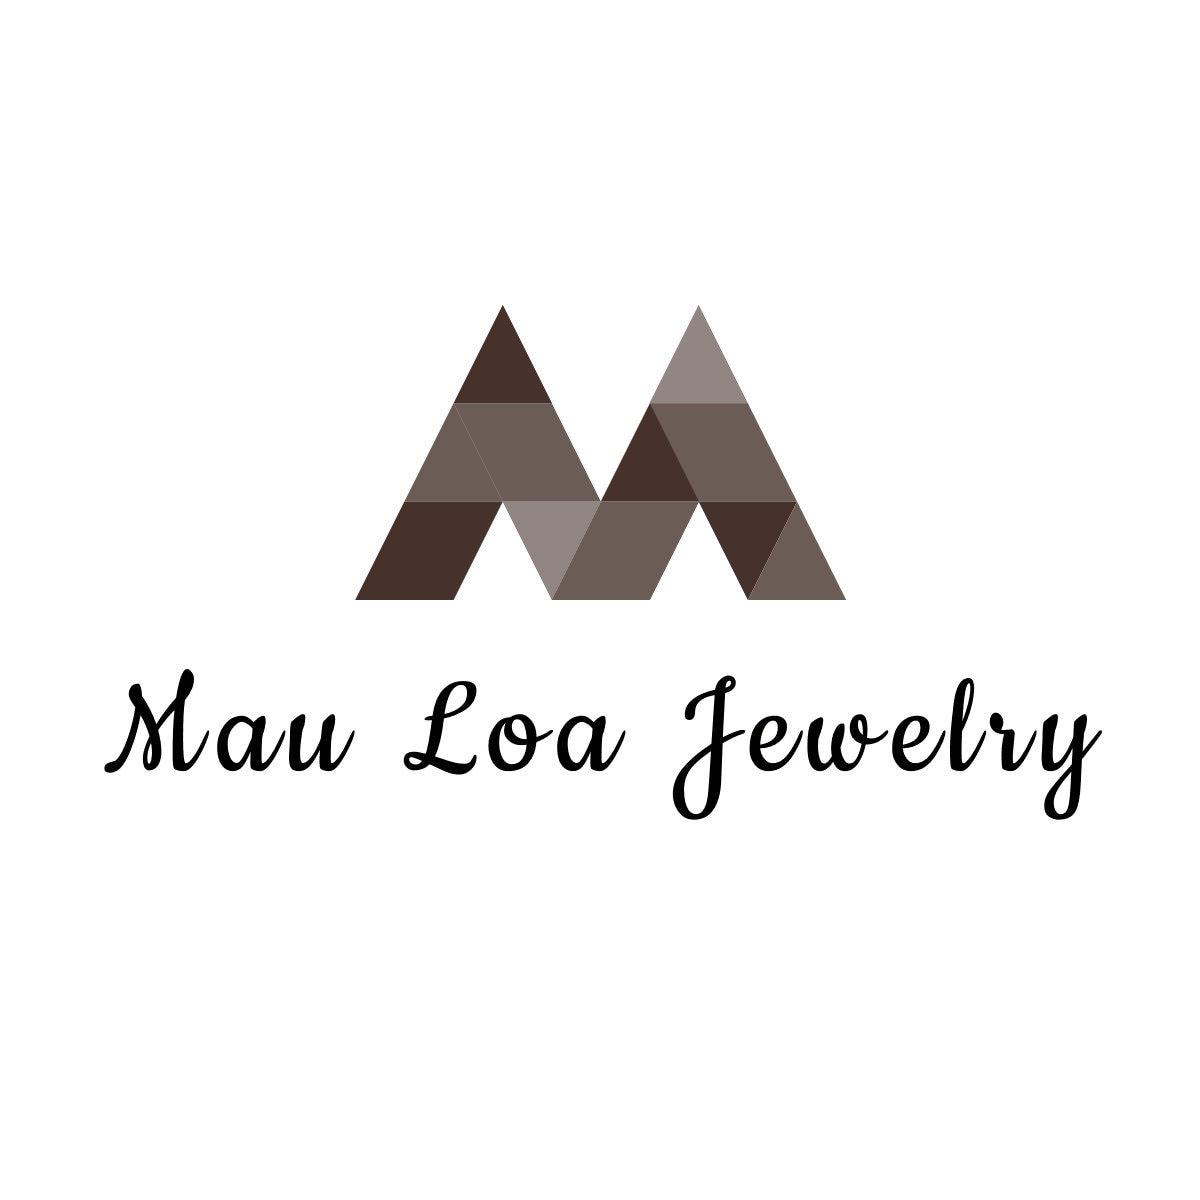 Porte-cl/és Hawaii Vintage Map Jewelry Charme Boussole /Îles Hawaiiennes.Broche Bijoux Litt/éraires Oahu